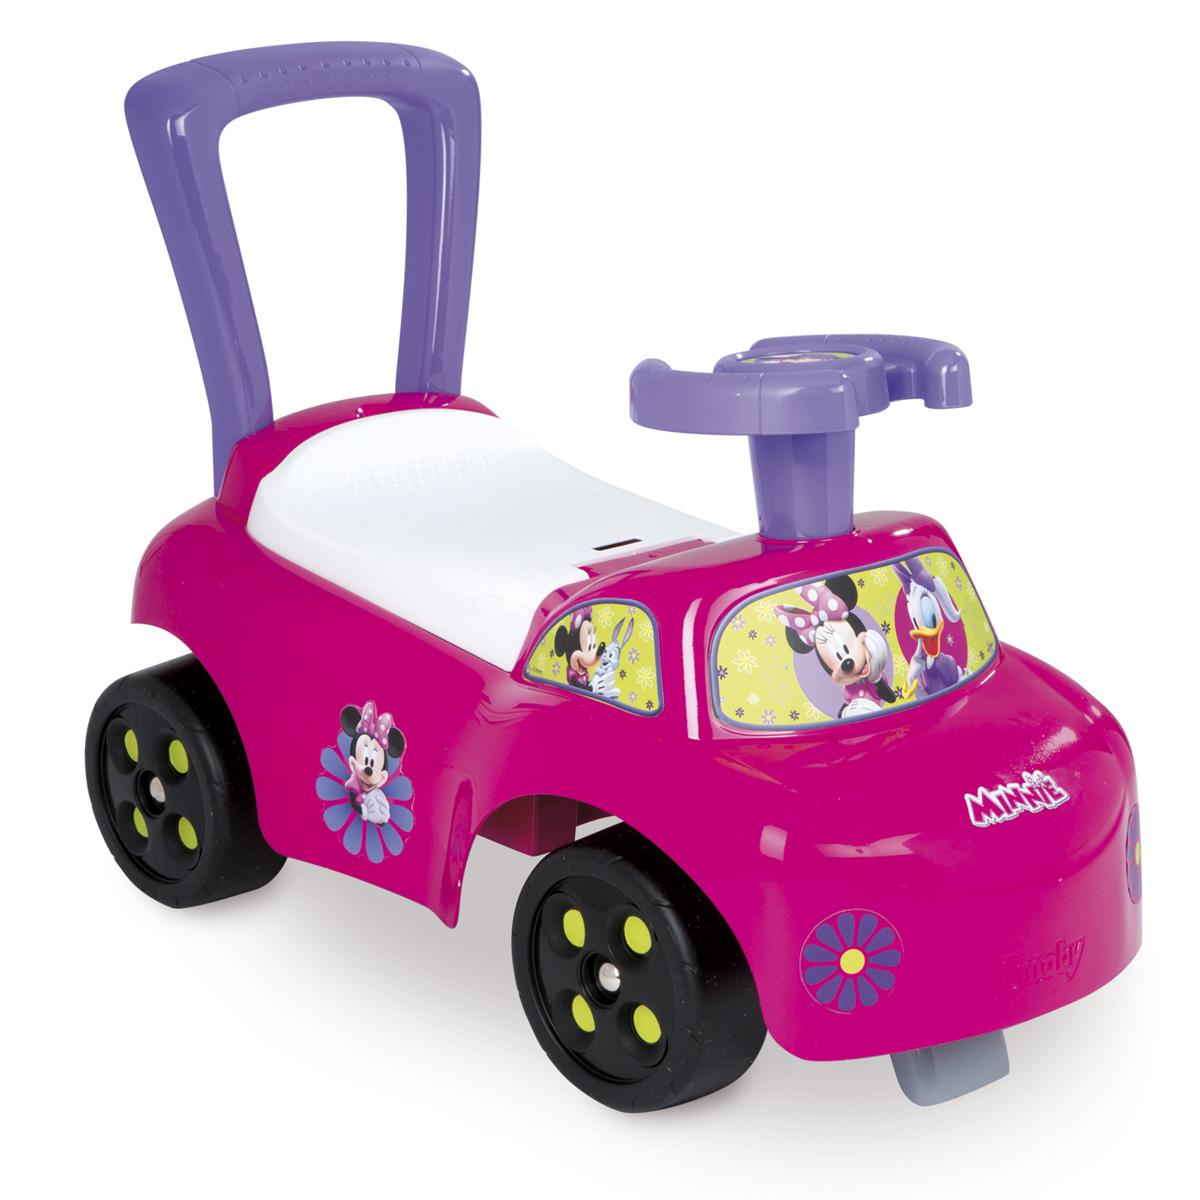 Smoby Каталка Minnie443011Каталка обладает защитой от опрокидывания, ручкой-спинкой и ящиком под сиденьем. Каталка помогает ребенку развивать ноги и весело проводить время. Для детей от 10 месяцев.